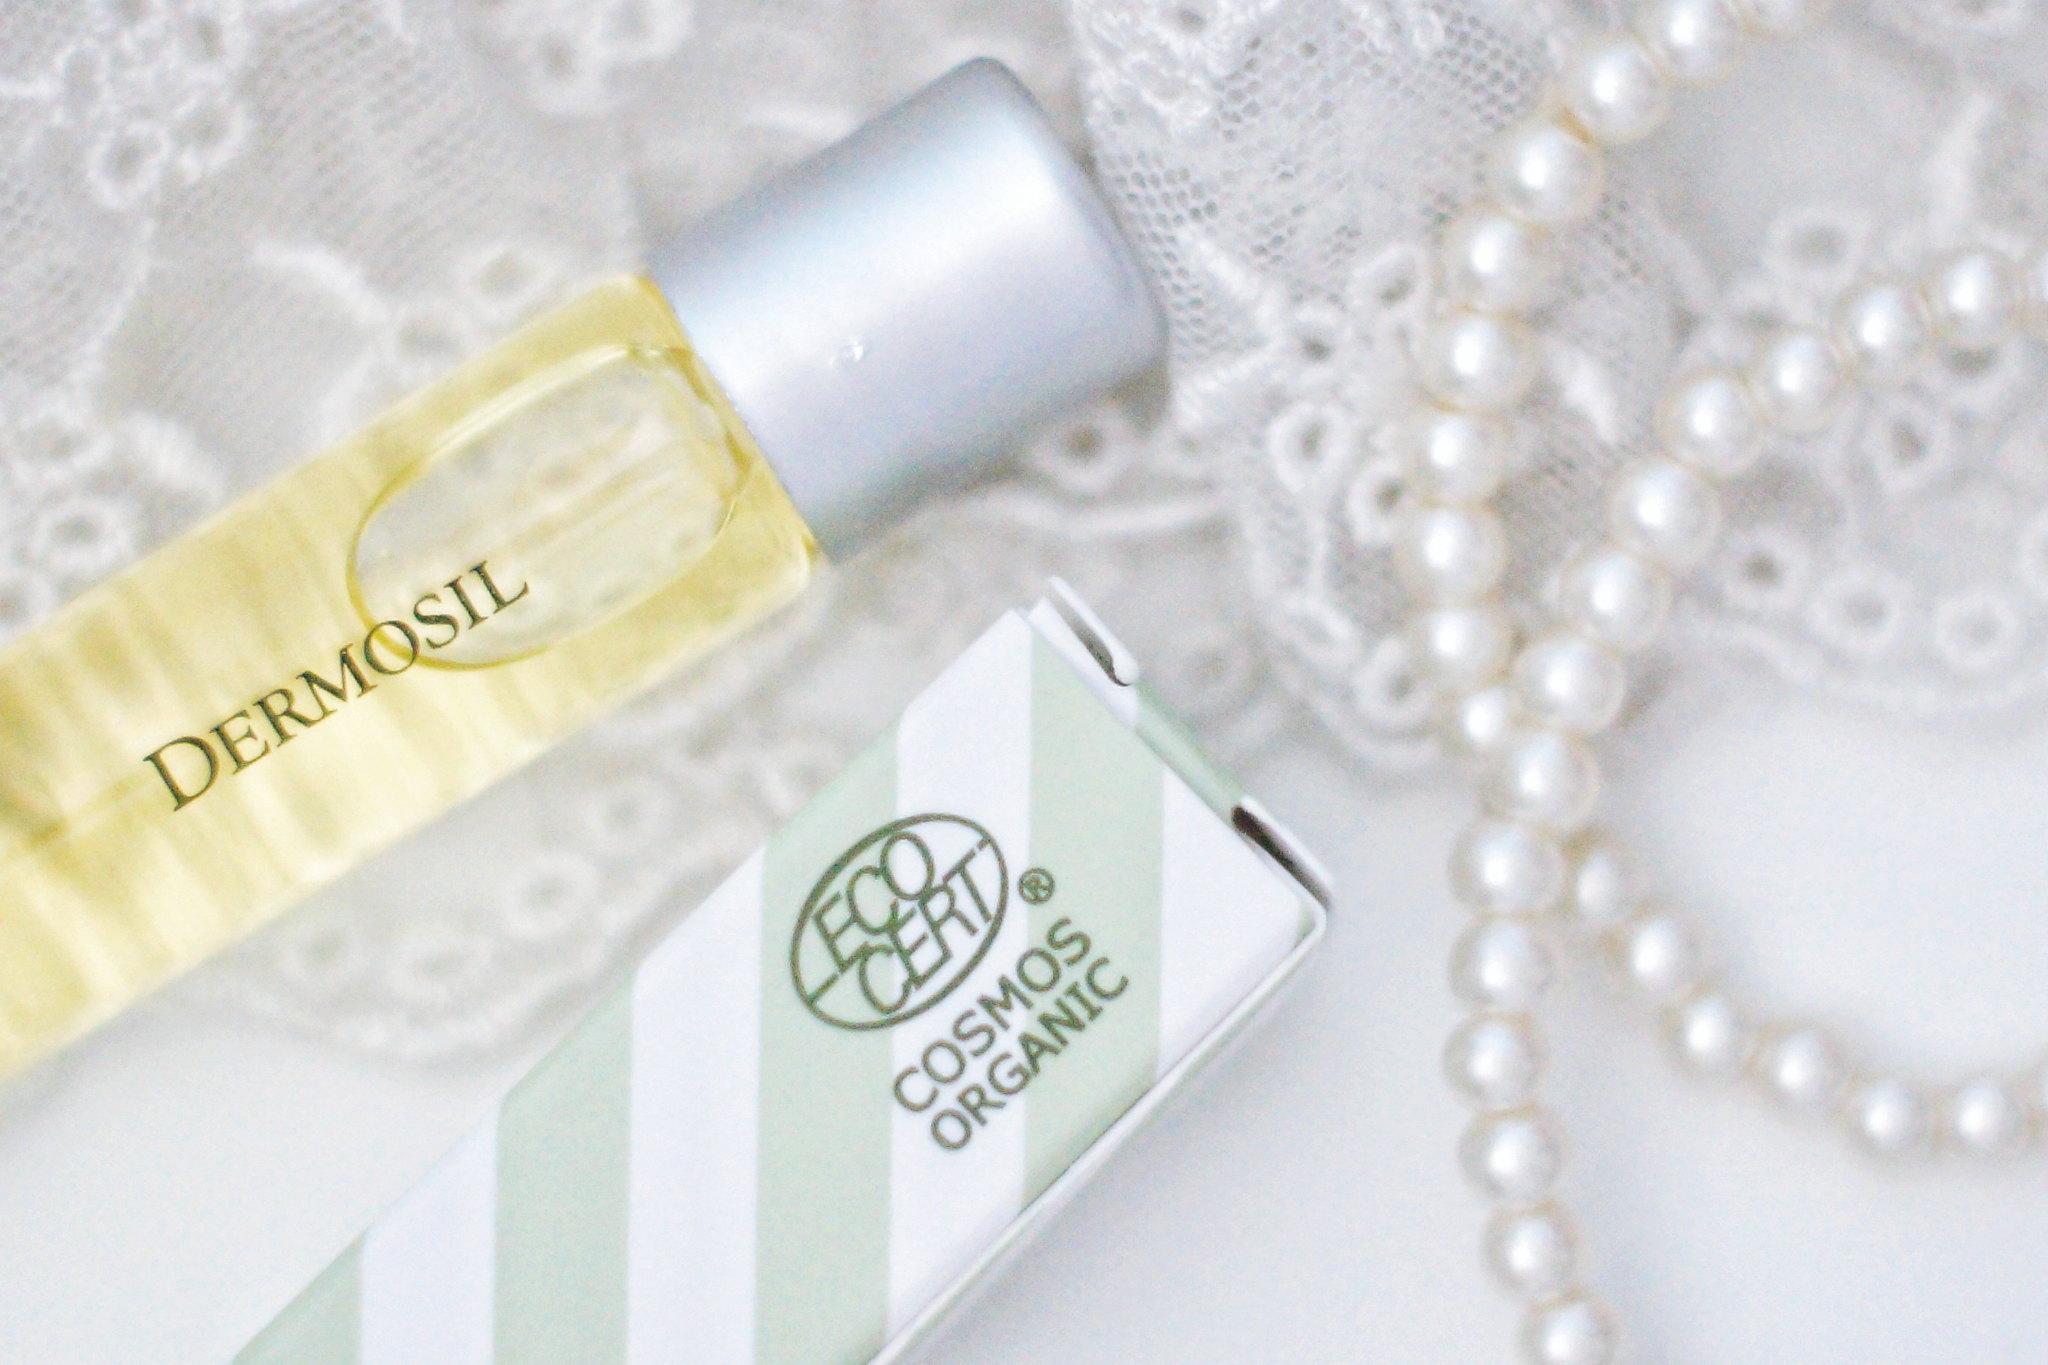 luonnonkosmetiikka -tuoksut